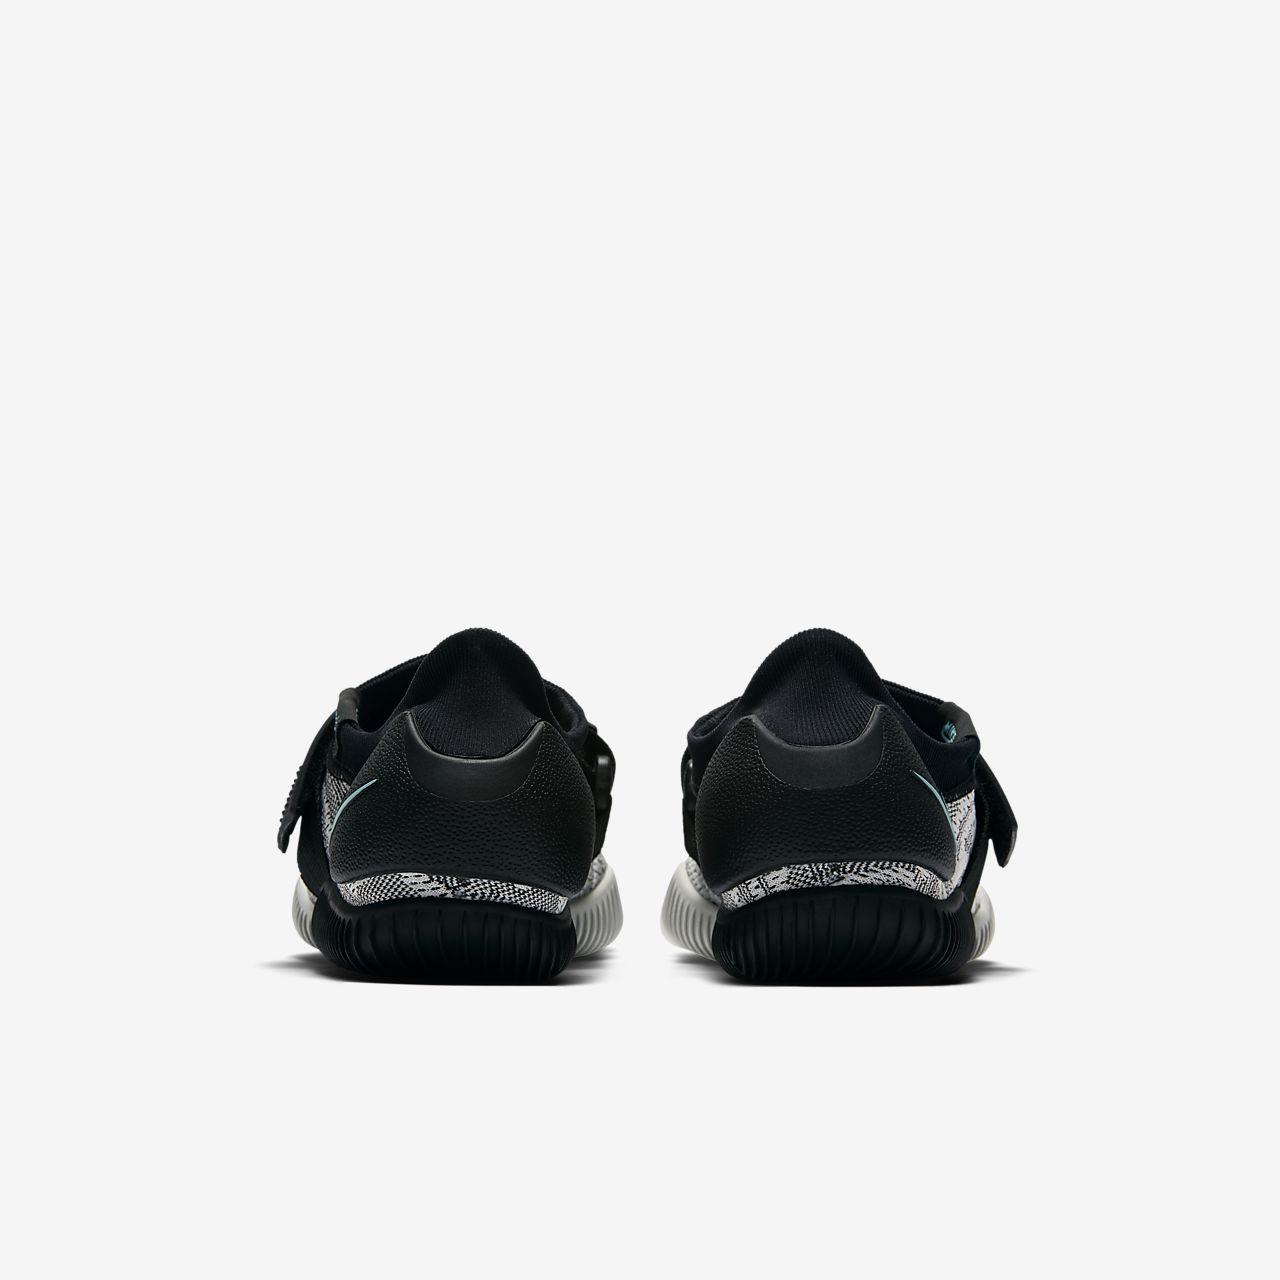 d4dd30b0cb7 NikeLab Aqua Sock 360 QS Men s Shoe. Nike.com SG